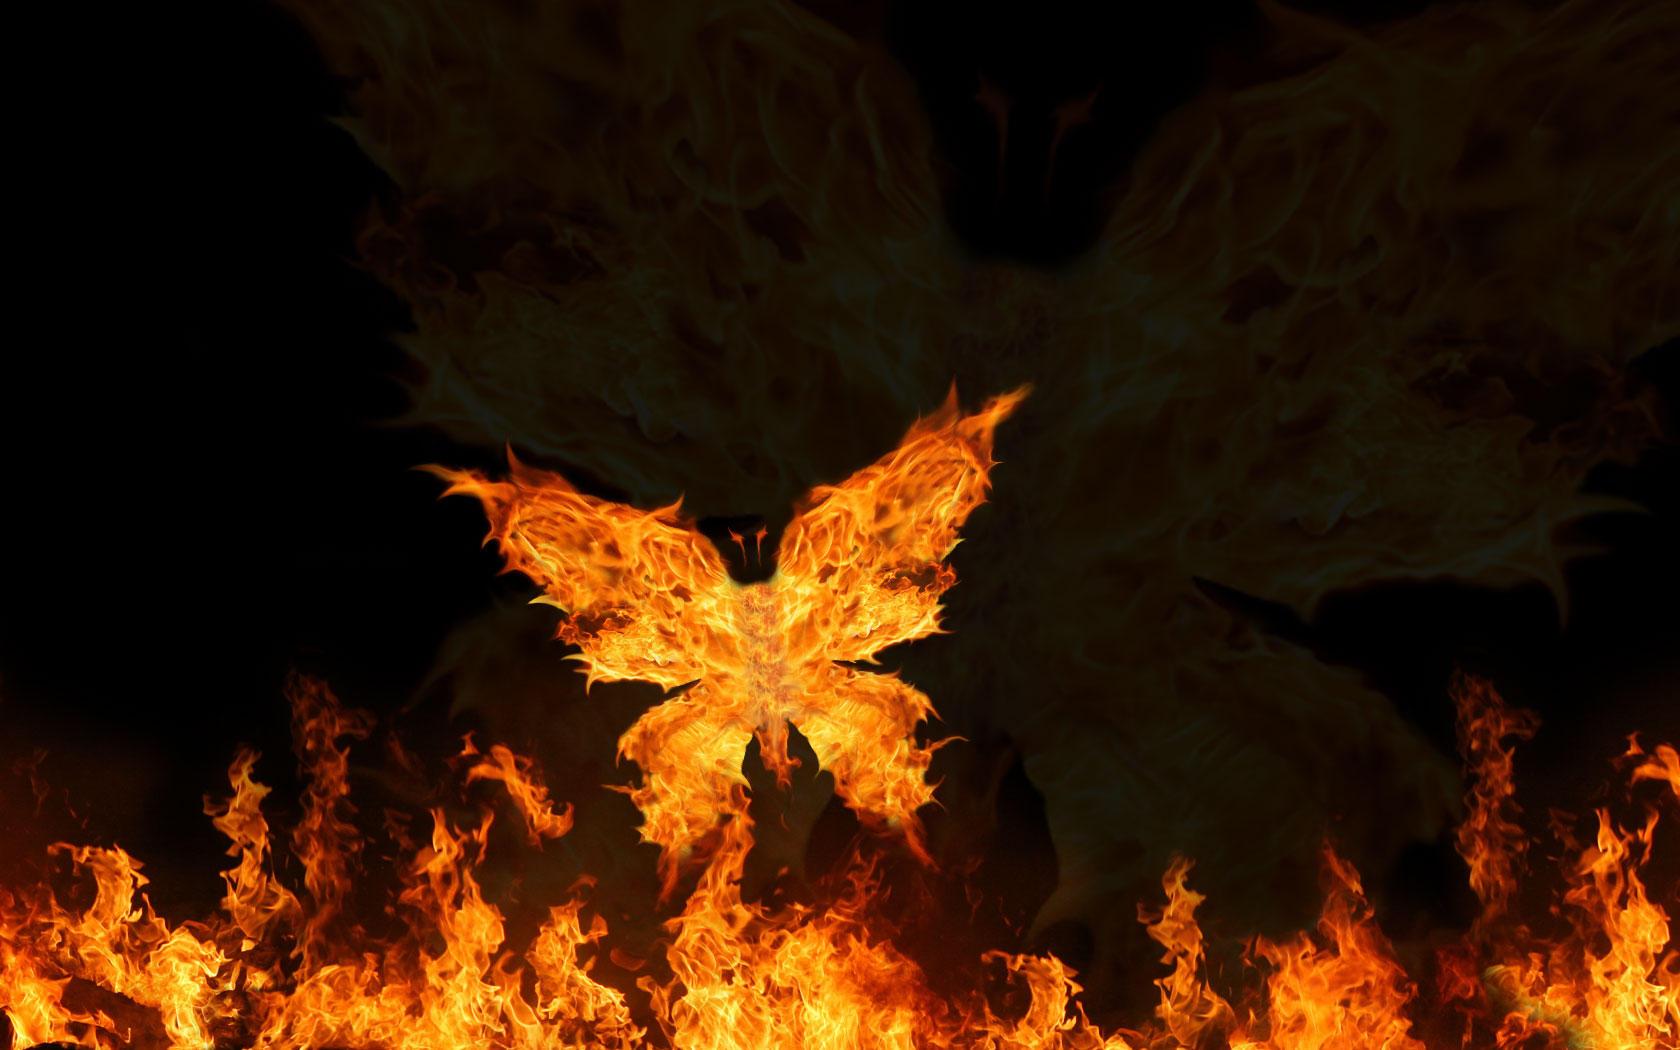 پروانه ی سوخته